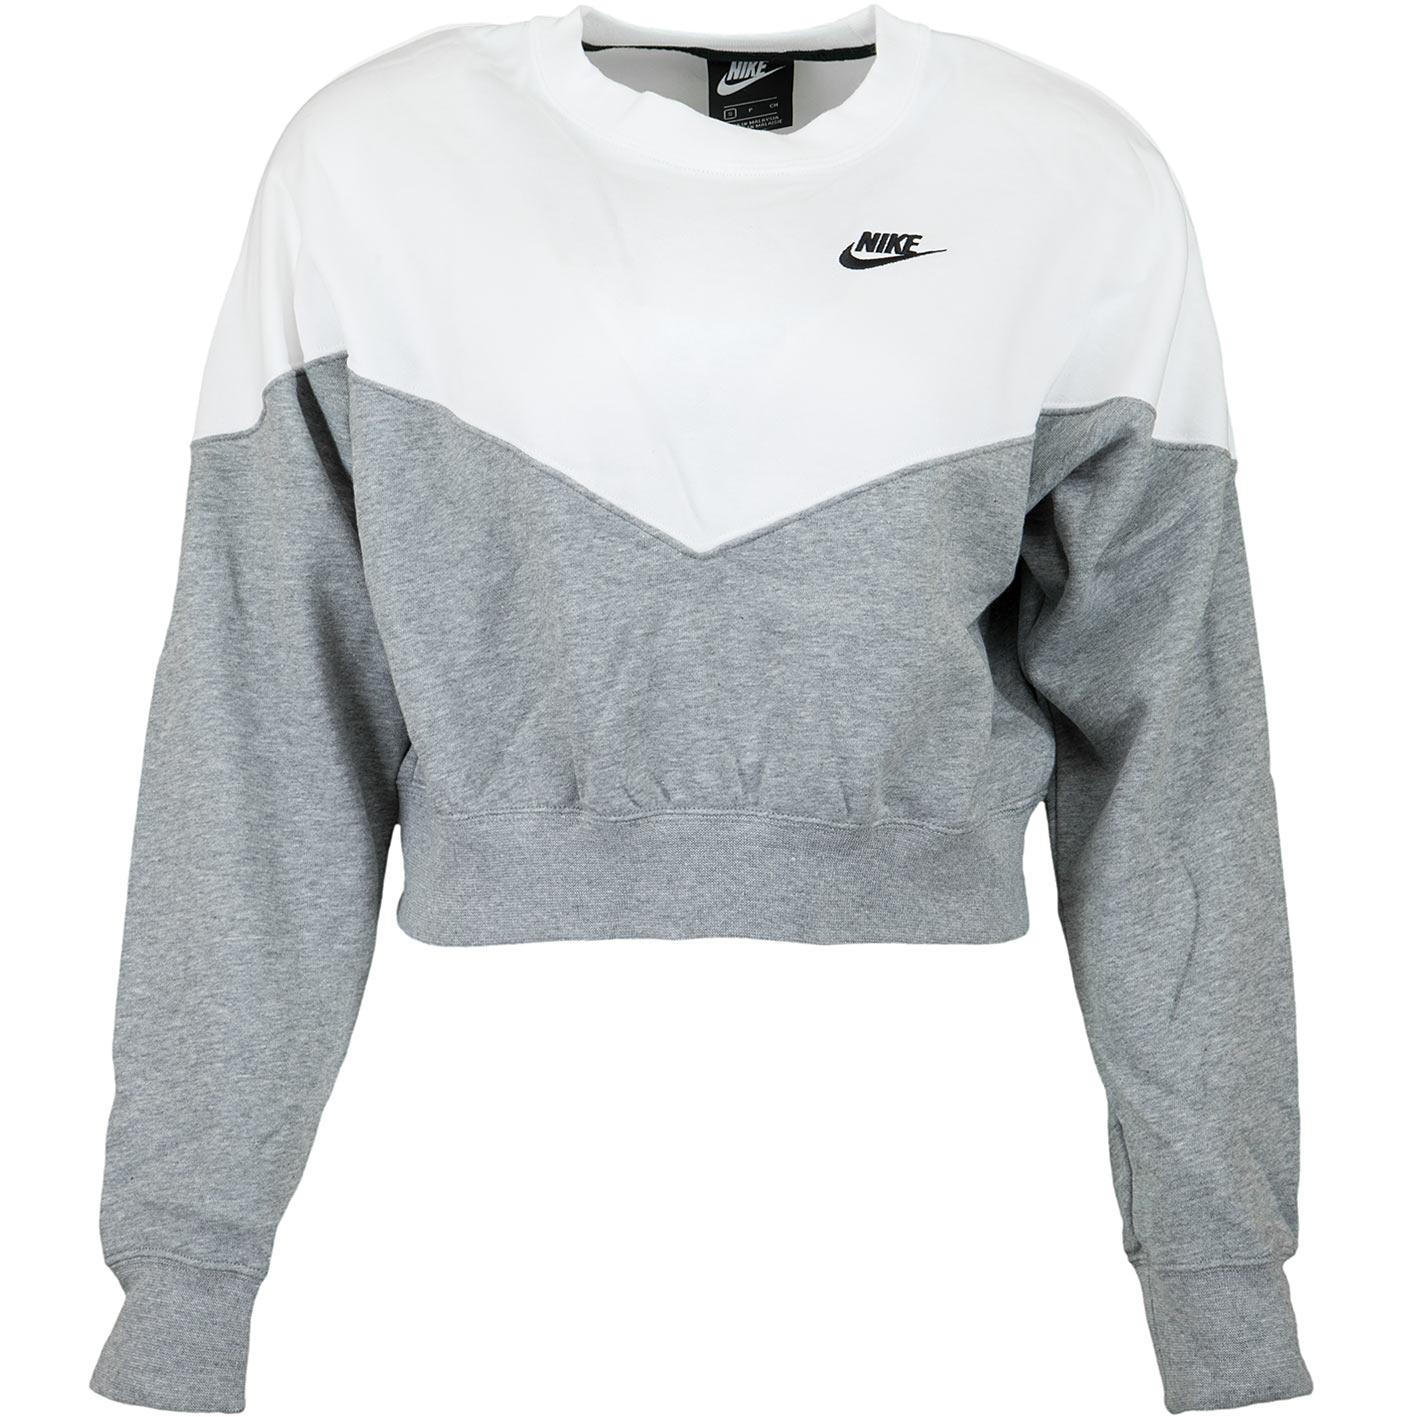 damen pullover     nike damen sweatshirt heritage fleece grau wei   hier bestellen   nike damen sweatshirt heritage fleece